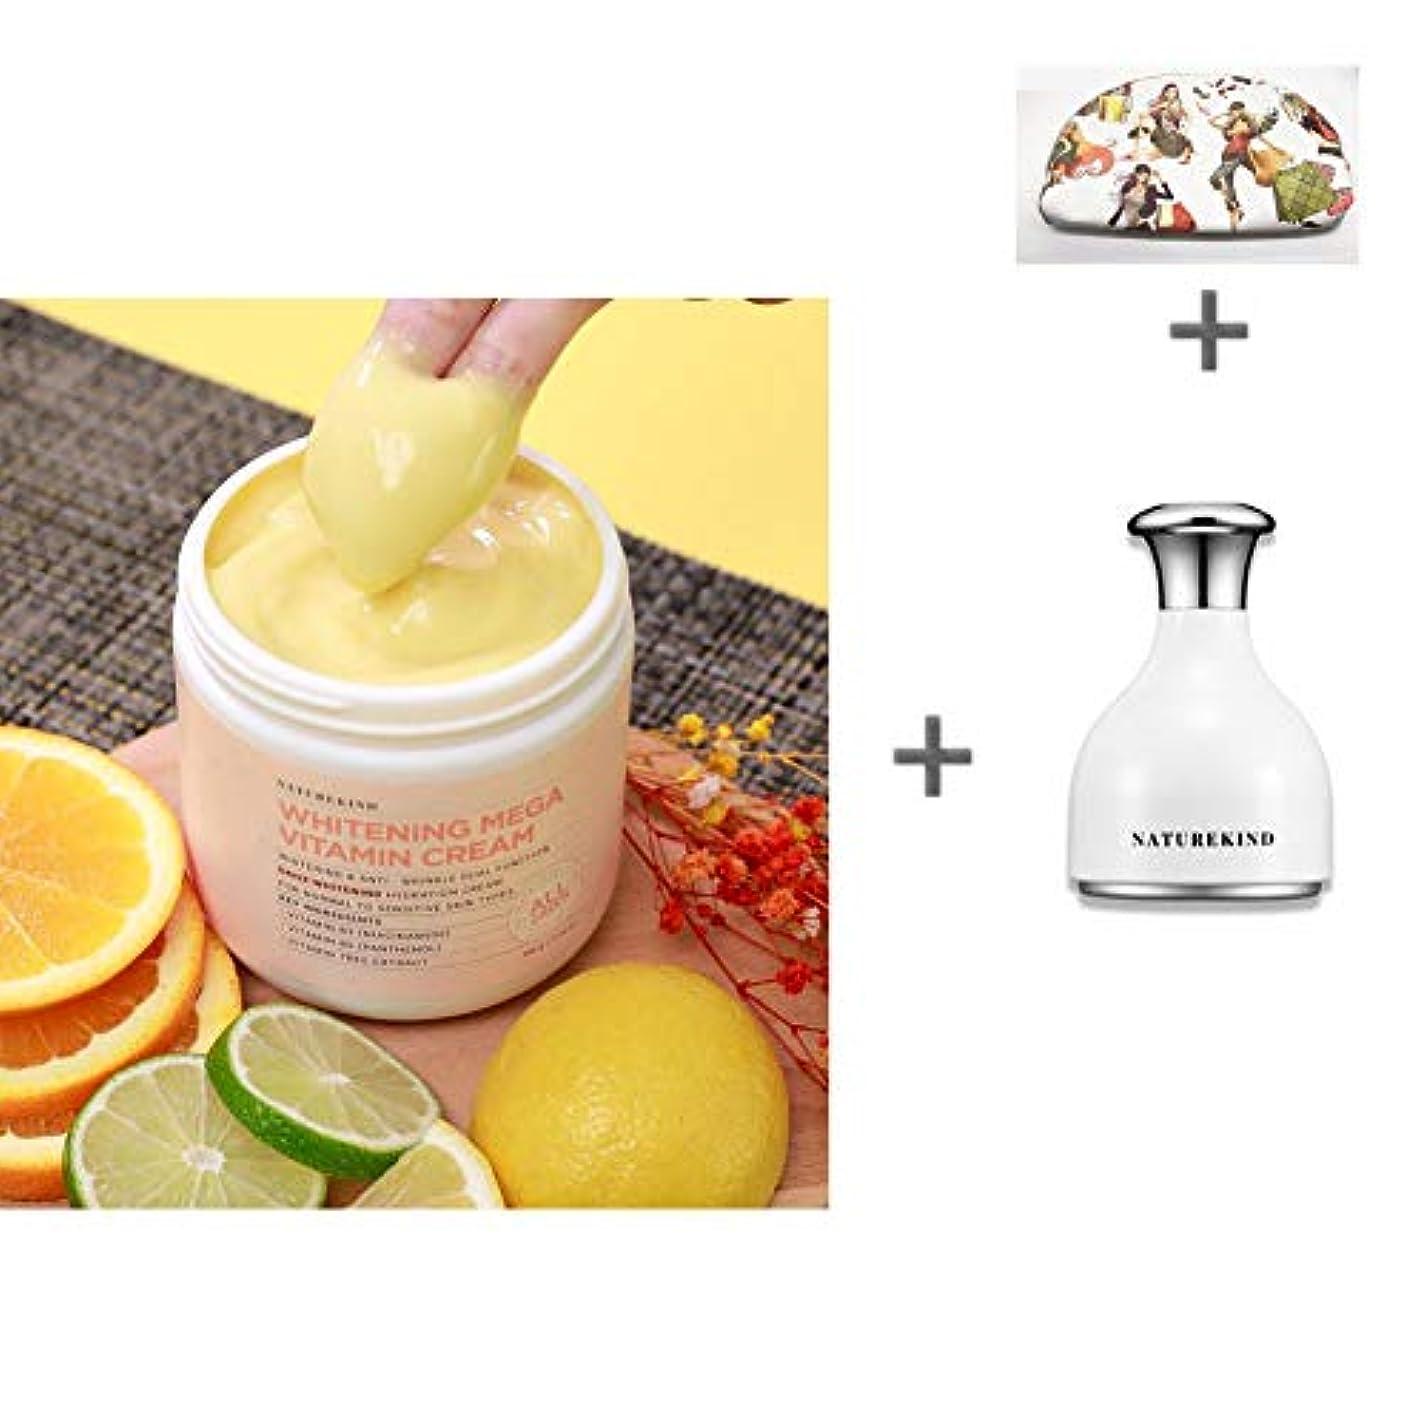 成人期ハング元の[ネイチャーカインド]美白ビタミンクリーム500gの大容量Vitamin Cream /全成分100%グリーン評価/敏感肌にも安心/トンオプ/保湿/くすみ除去/美白クリーム [海外直送品][並行輸入品] (クリーム+クーリングスティック)